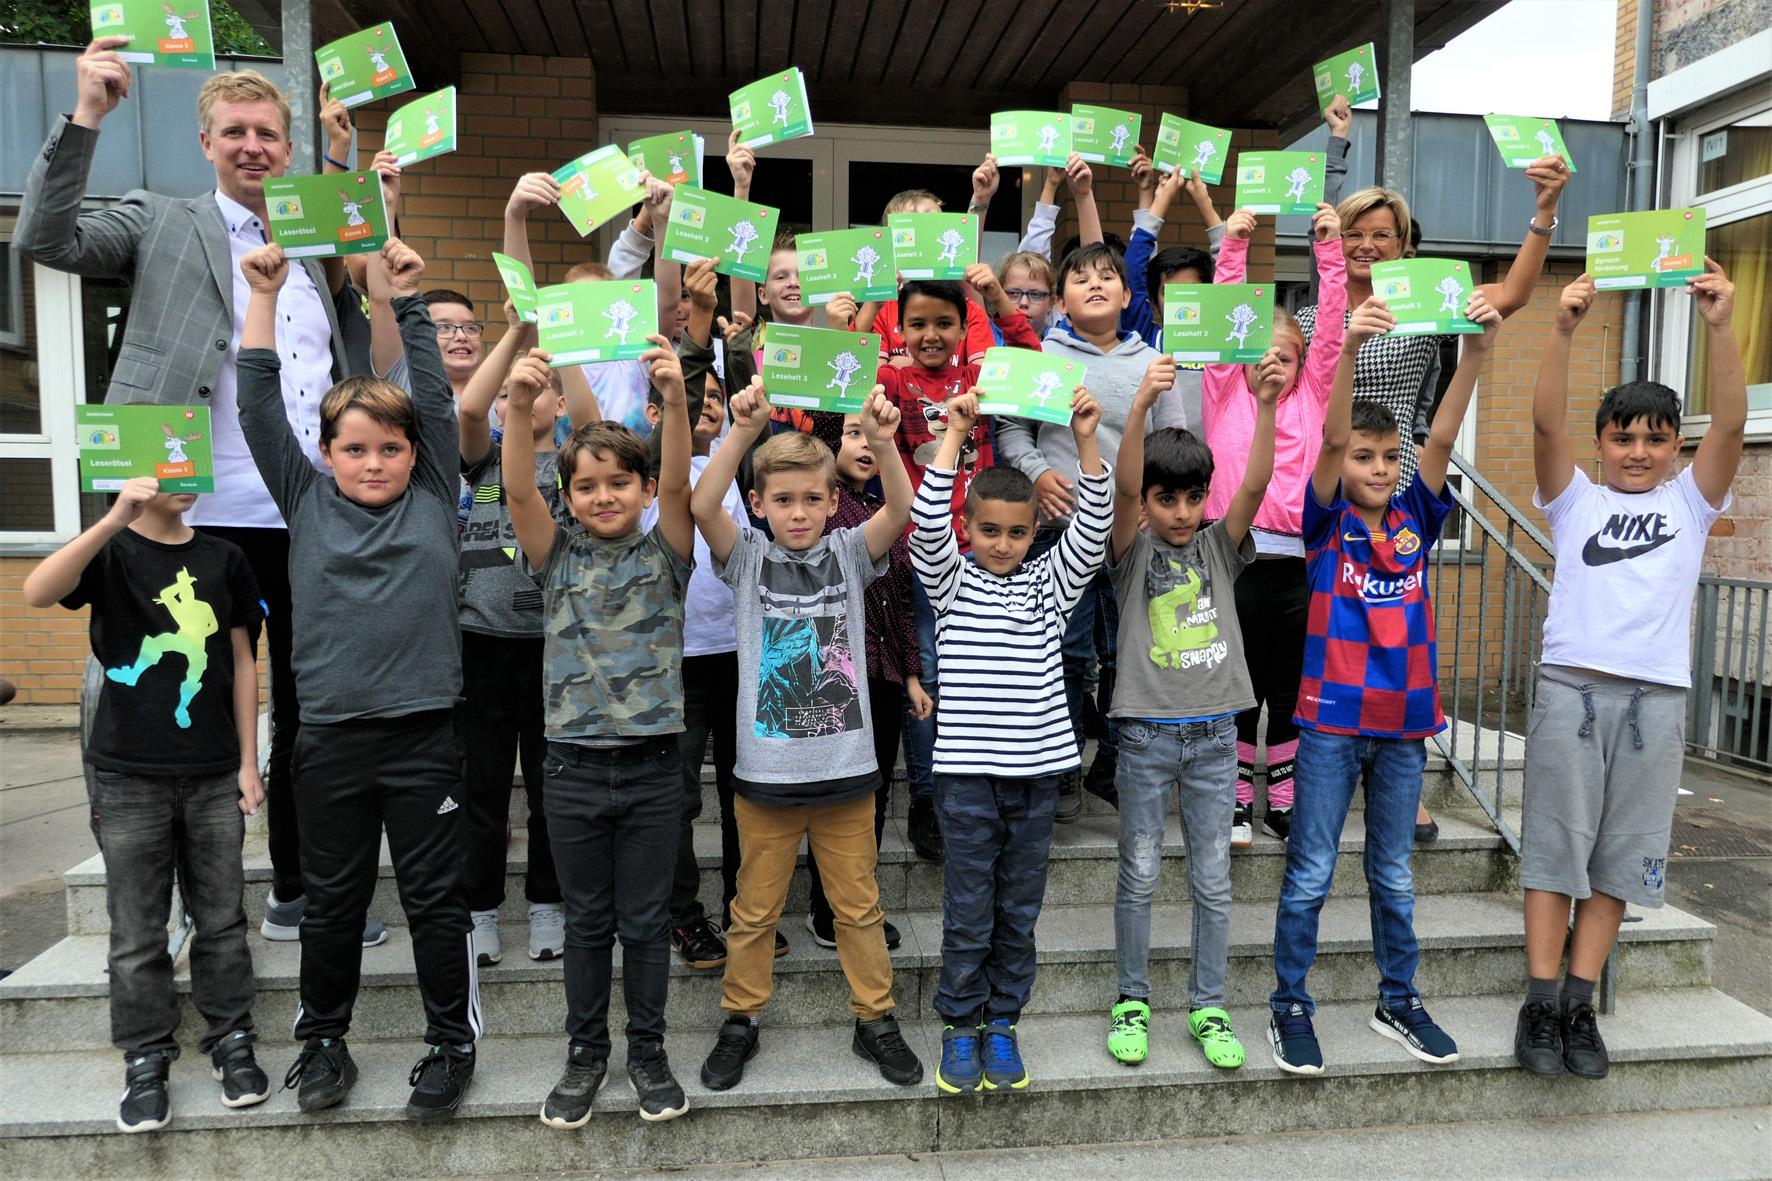 Kinder am Ball: Westermann Gruppe und Per Mertesacker Stiftung kooperieren für die Lernförderung